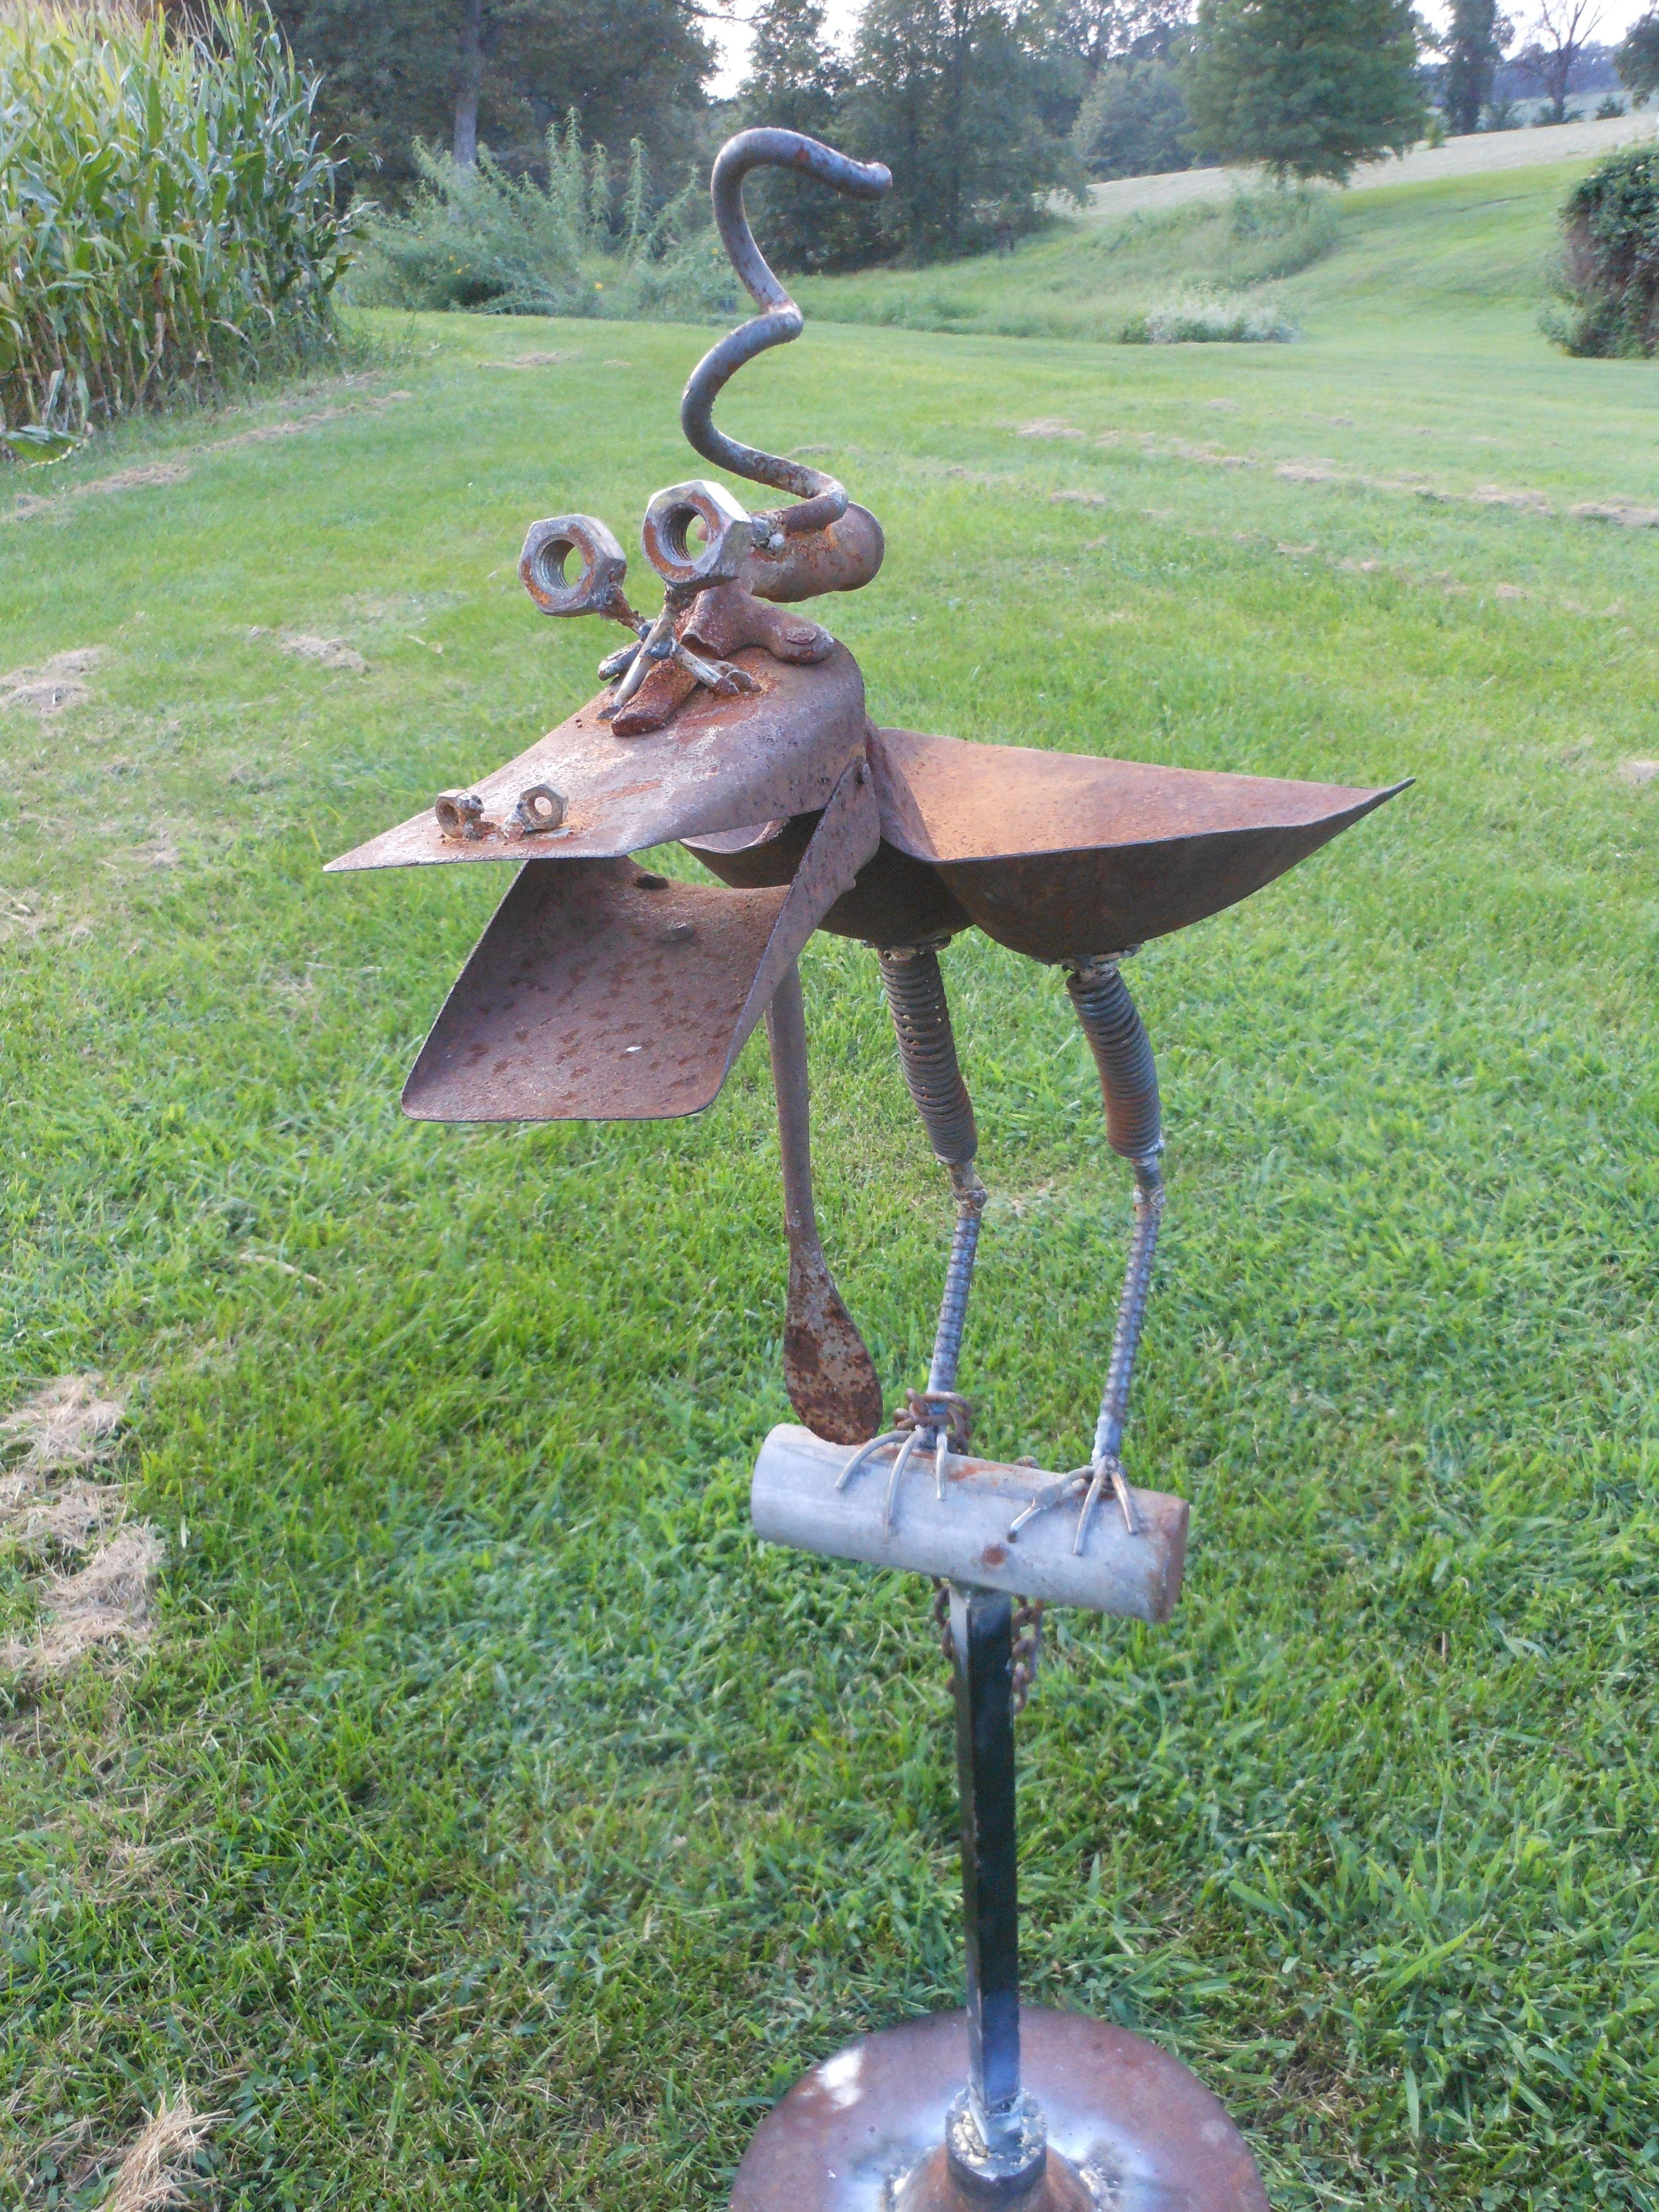 Dragon Bird Scoop Shovel Bird Feeder On A Perch Rusty Relics